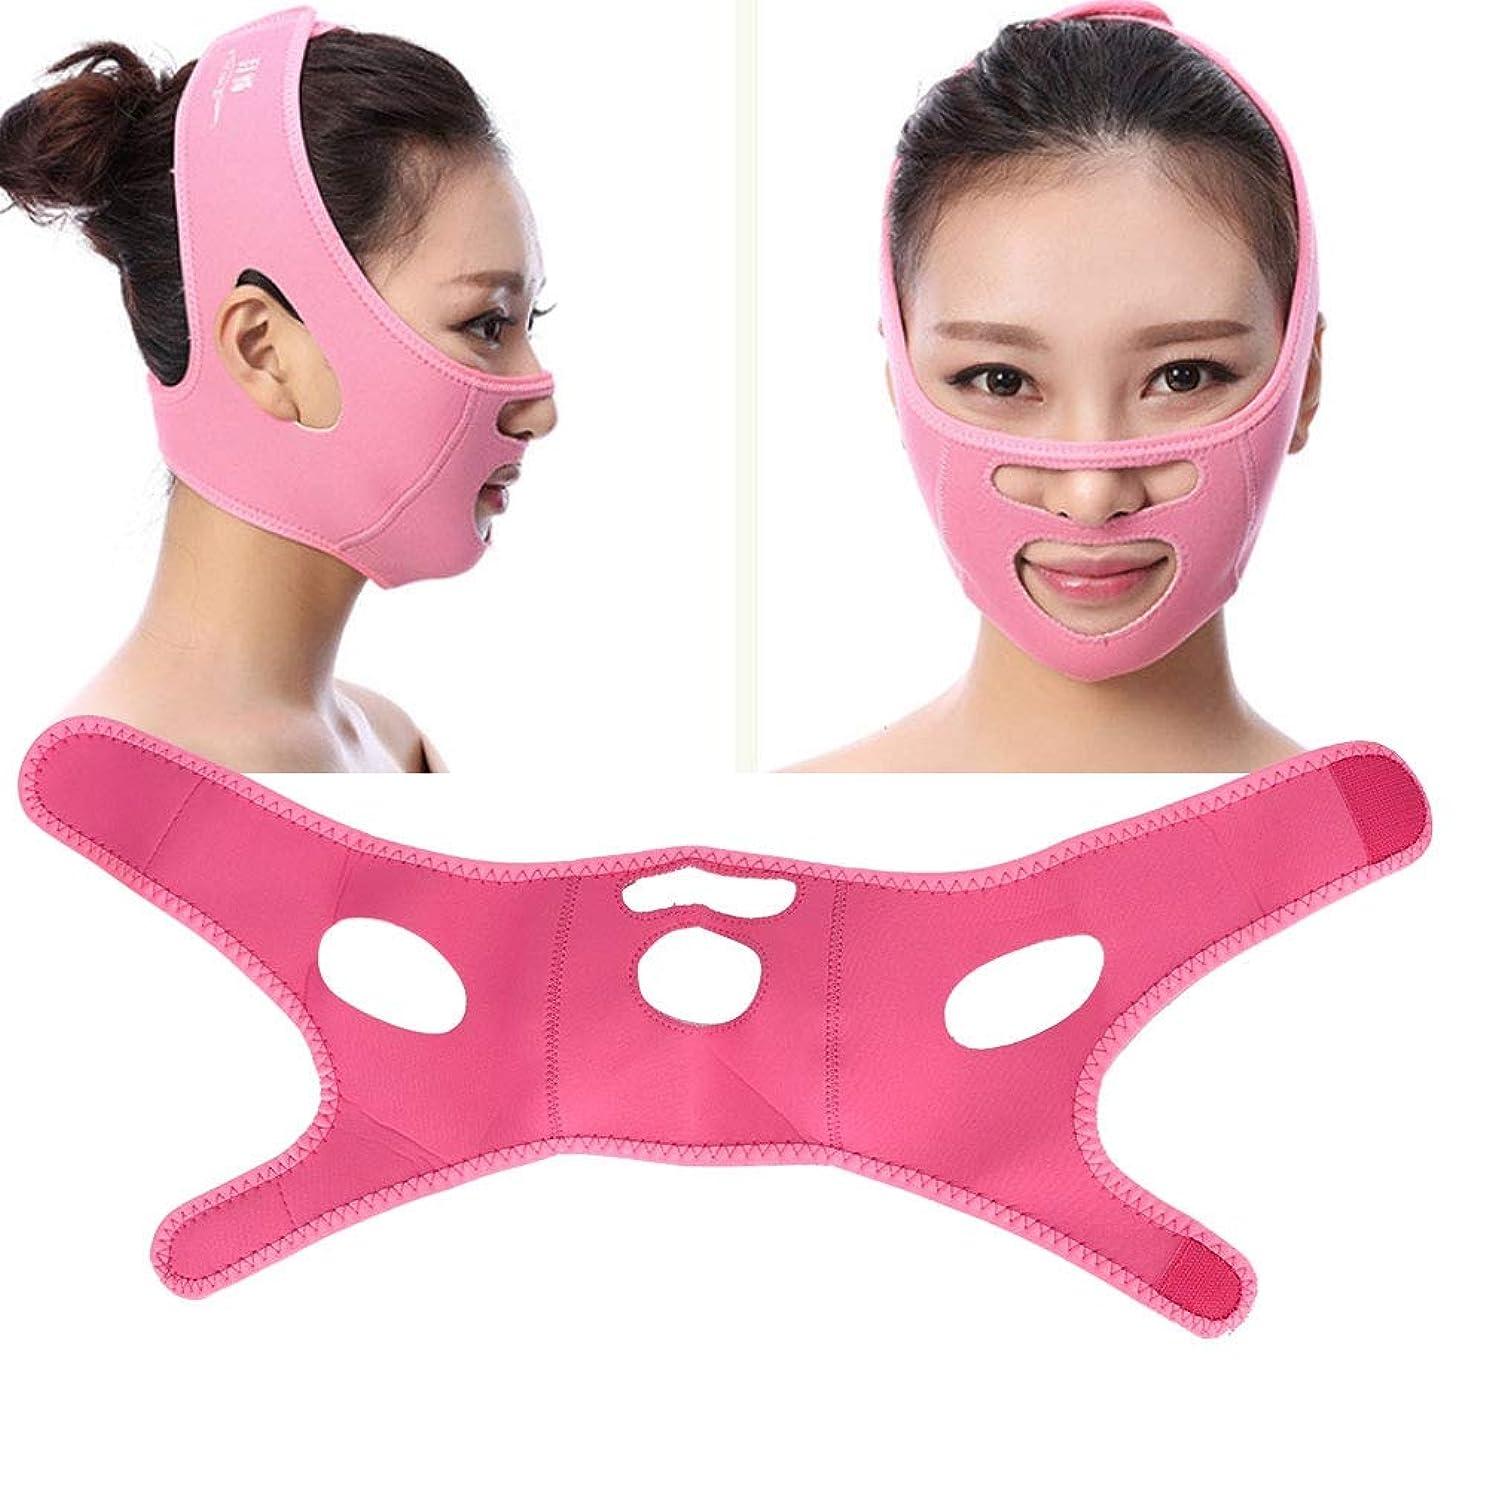 先史時代の褒賞半島スリミングマスク - V字型マスク、フェイスマスクV型 - 首とあごを持ち上げるため、アンチエイジング、しわを軽減